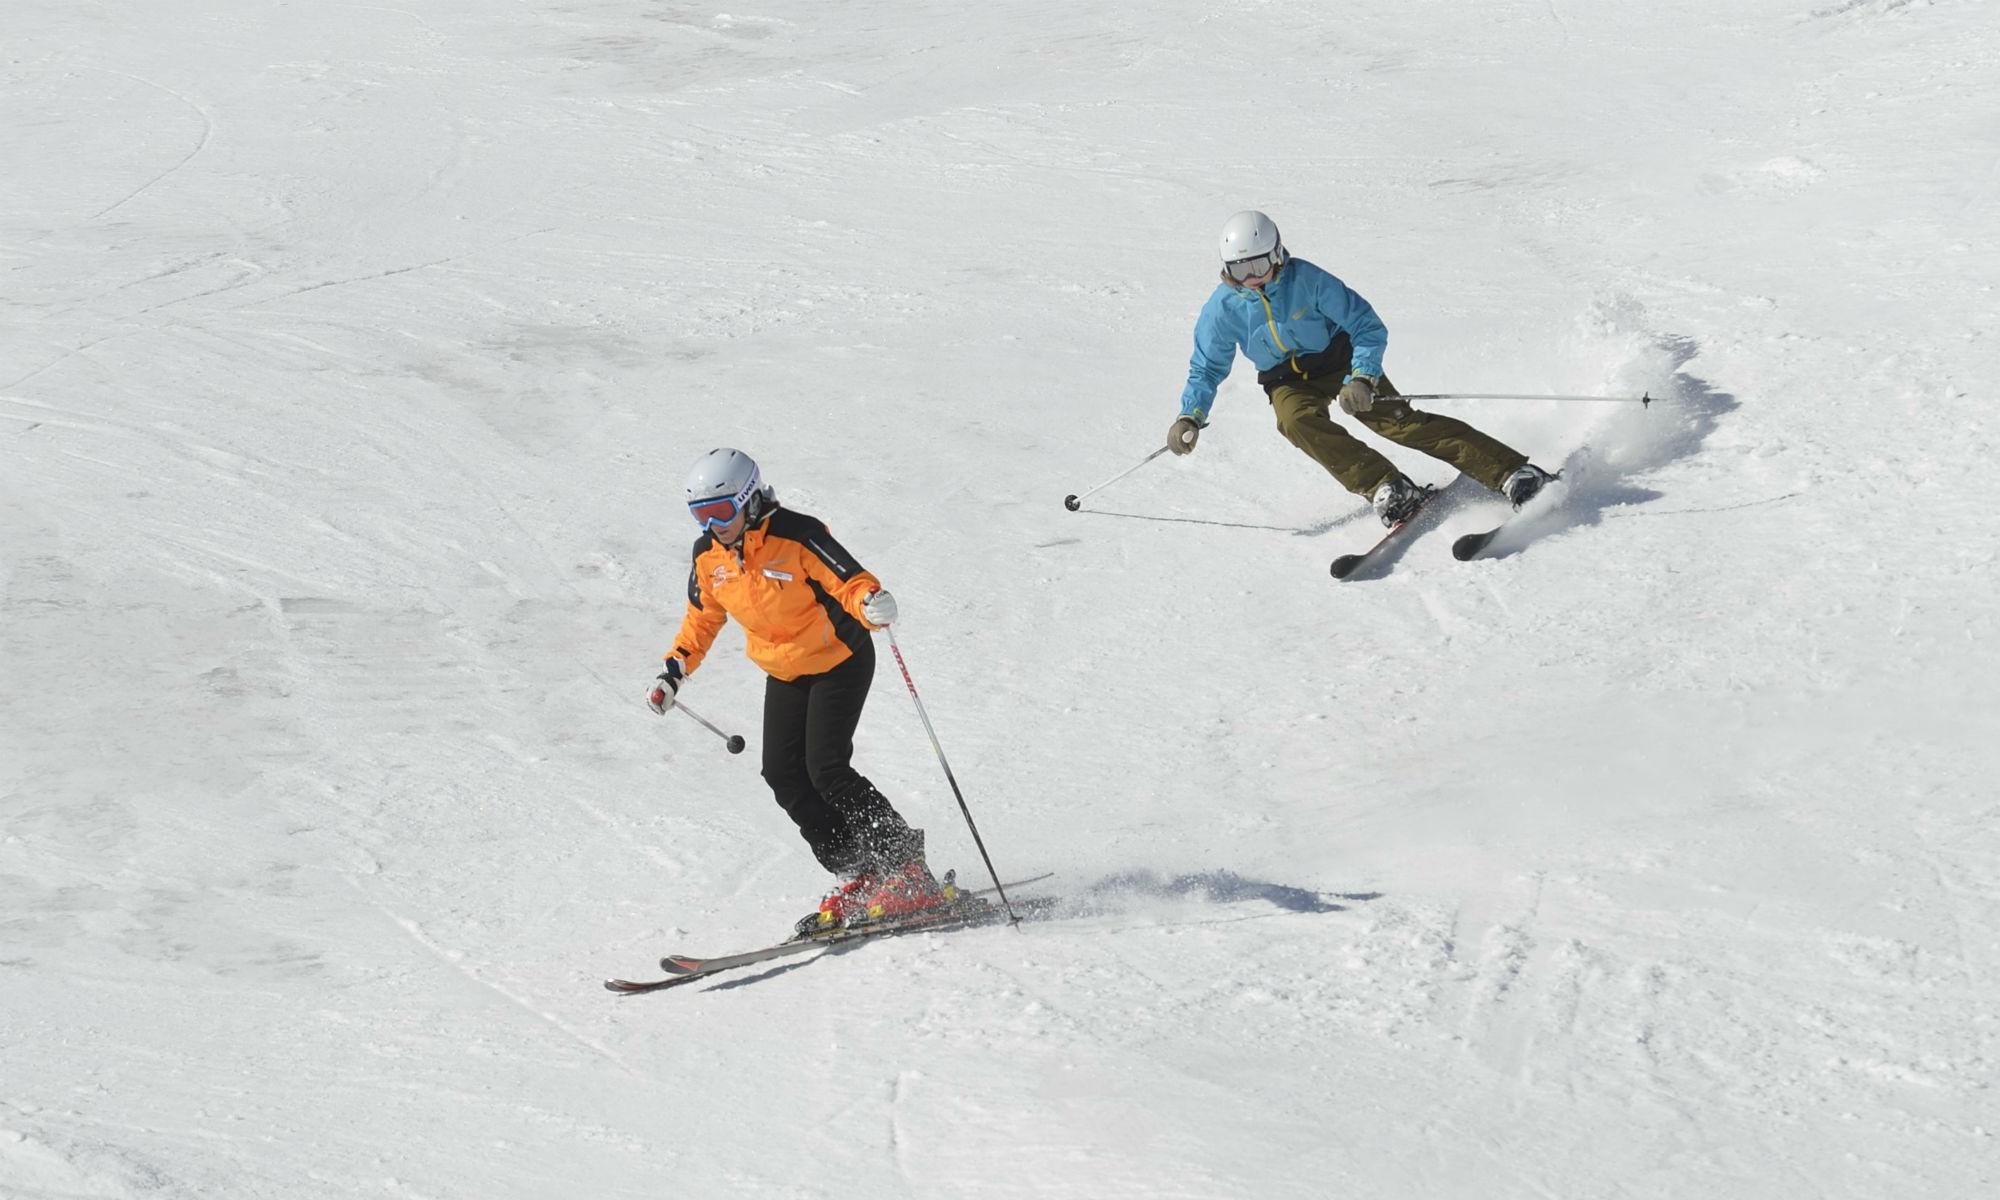 Ein Skifahrer überholt eine Skifahrerin auf der Piste.